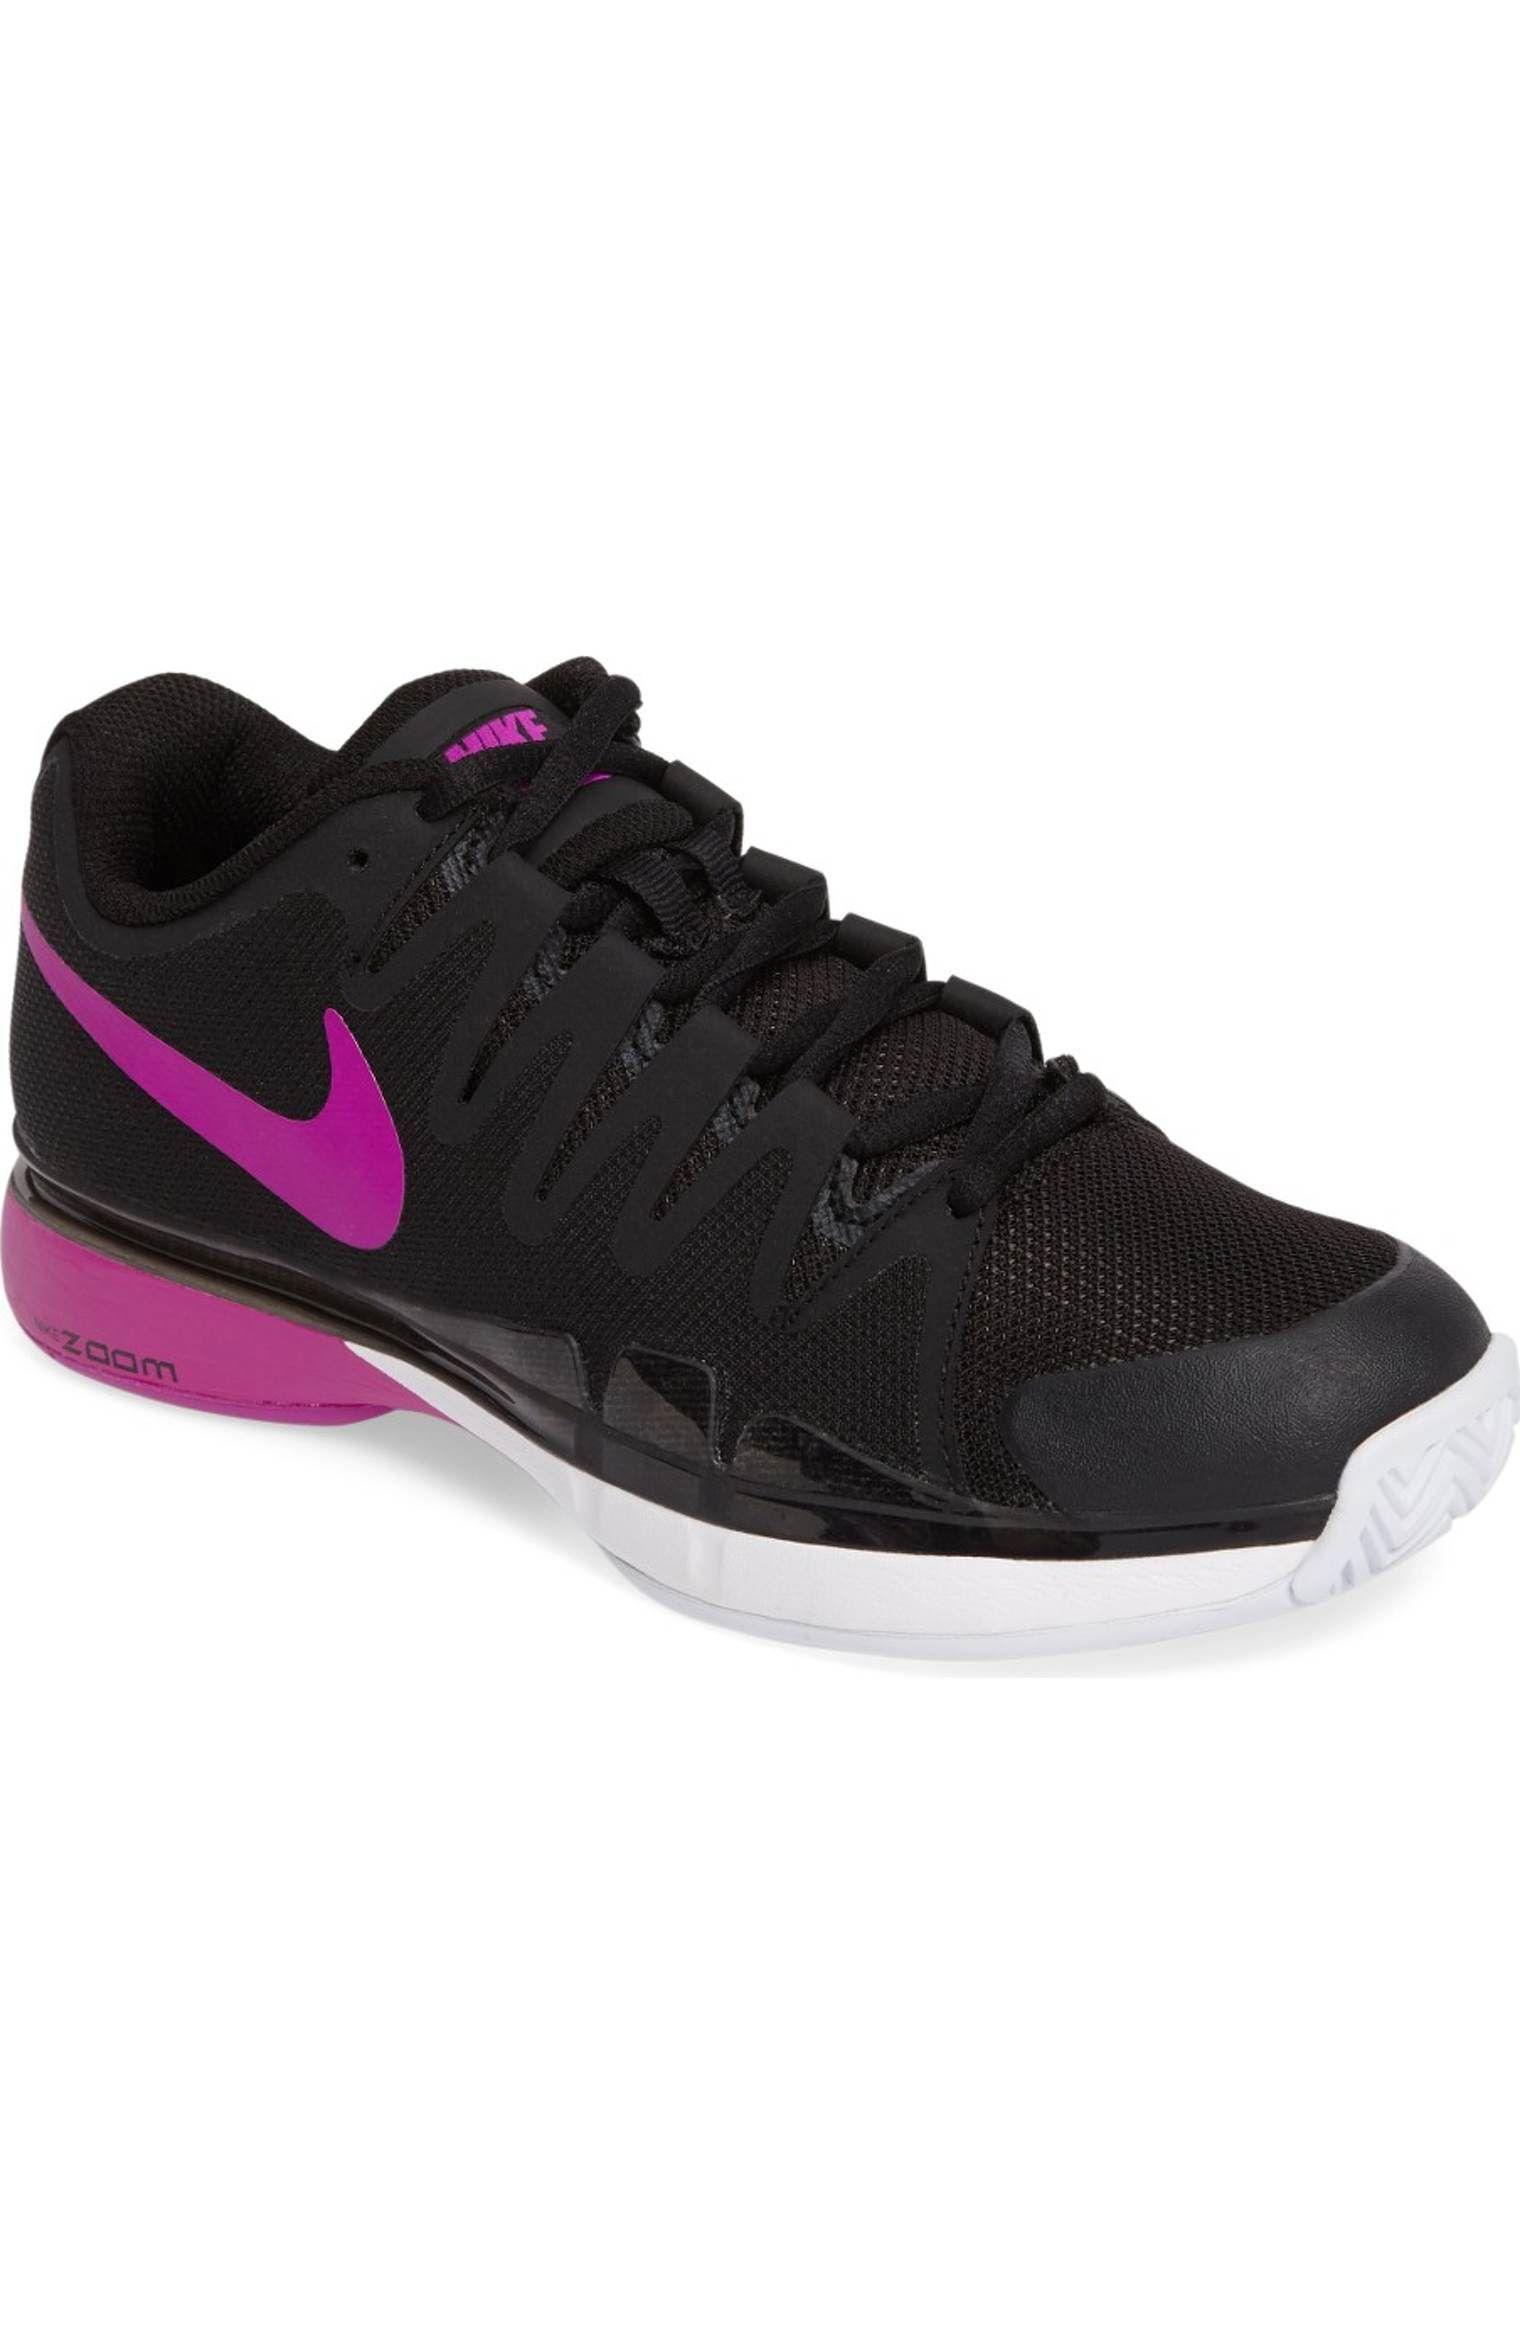 Nike 'Zoom Vapor 9.5 Tour' Tennis Shoe (Women in 2019